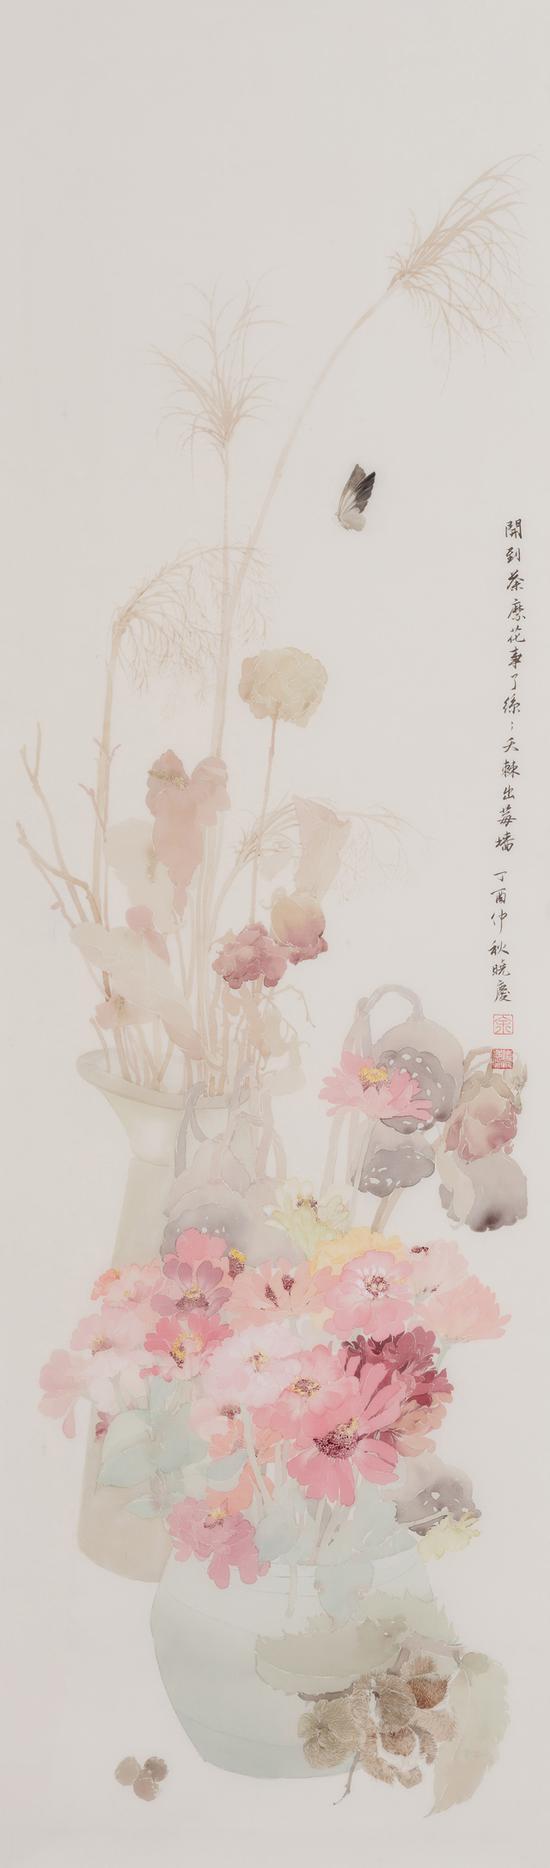 余晓庆,花事阑珊之二,绢本设色,118x36cm,2017